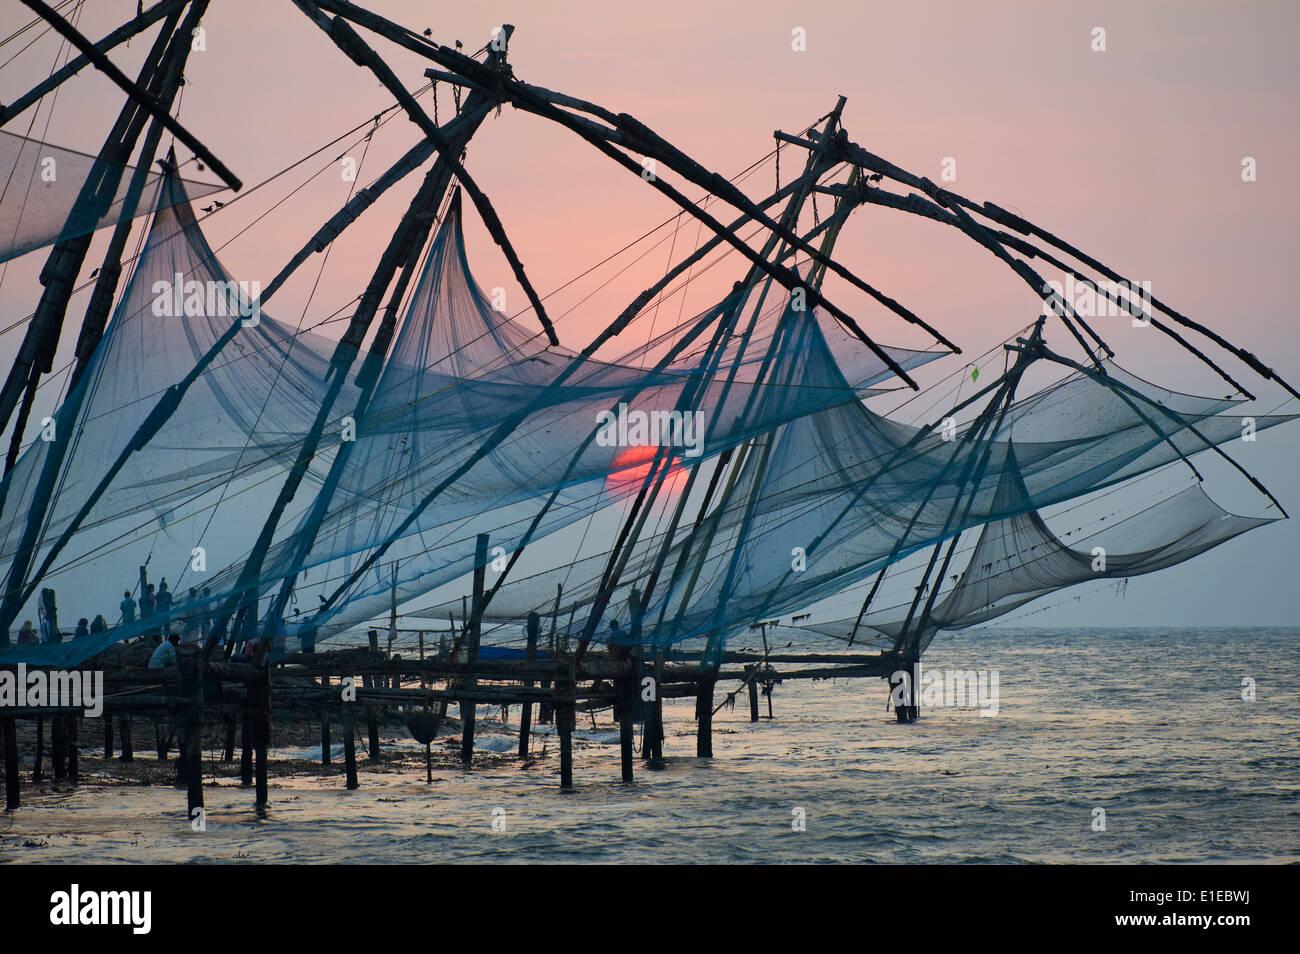 El estado de Kerala, India, Fort cochin o Kochi, redes de pesca chinas Imagen De Stock